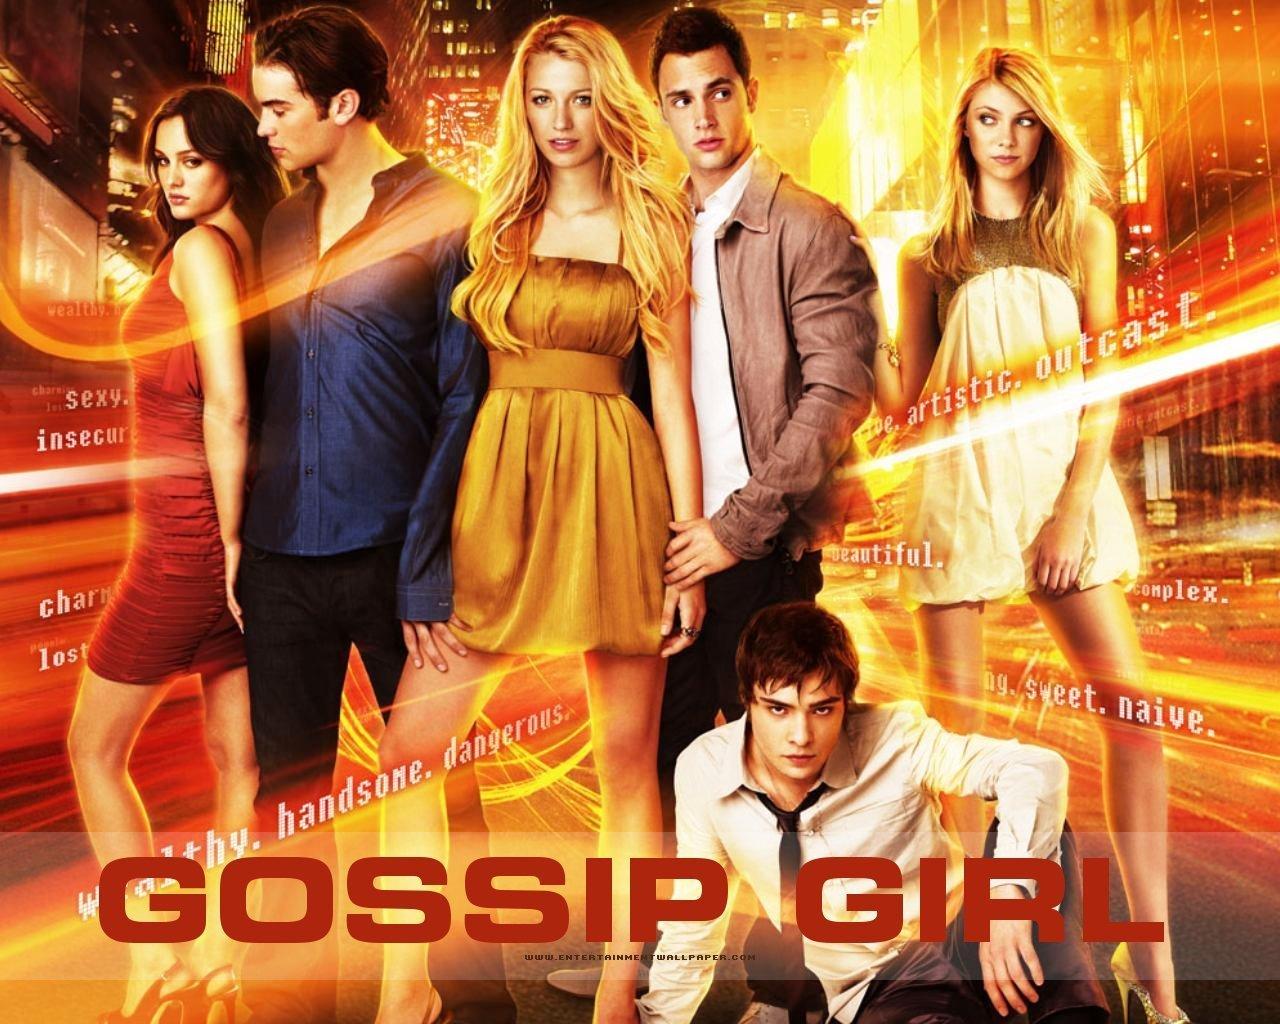 Iphone 5 Wallpaper Gossip Girl Gg Wallpaper Gossip Girl Wallpaper 5359421 Fanpop